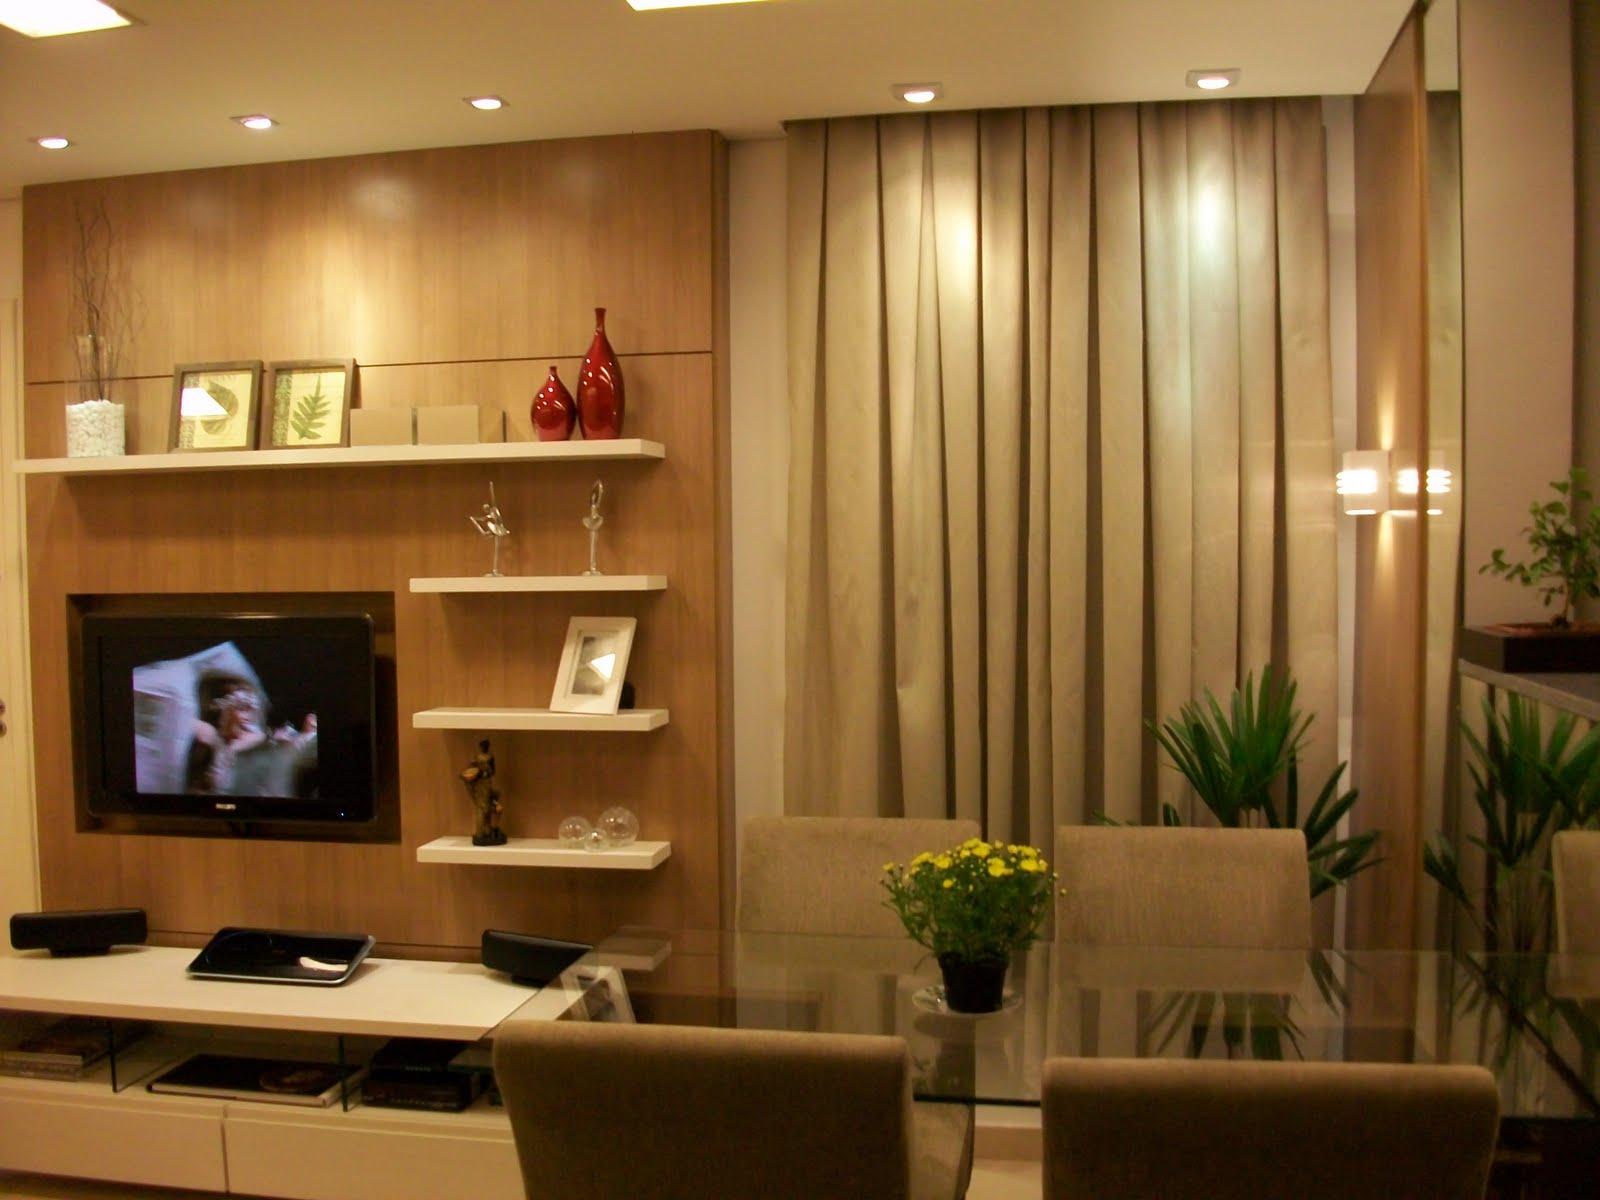 Sala de estar e jantar conjugados. Projeto de mobiliários  #2E1E08 1600 1200